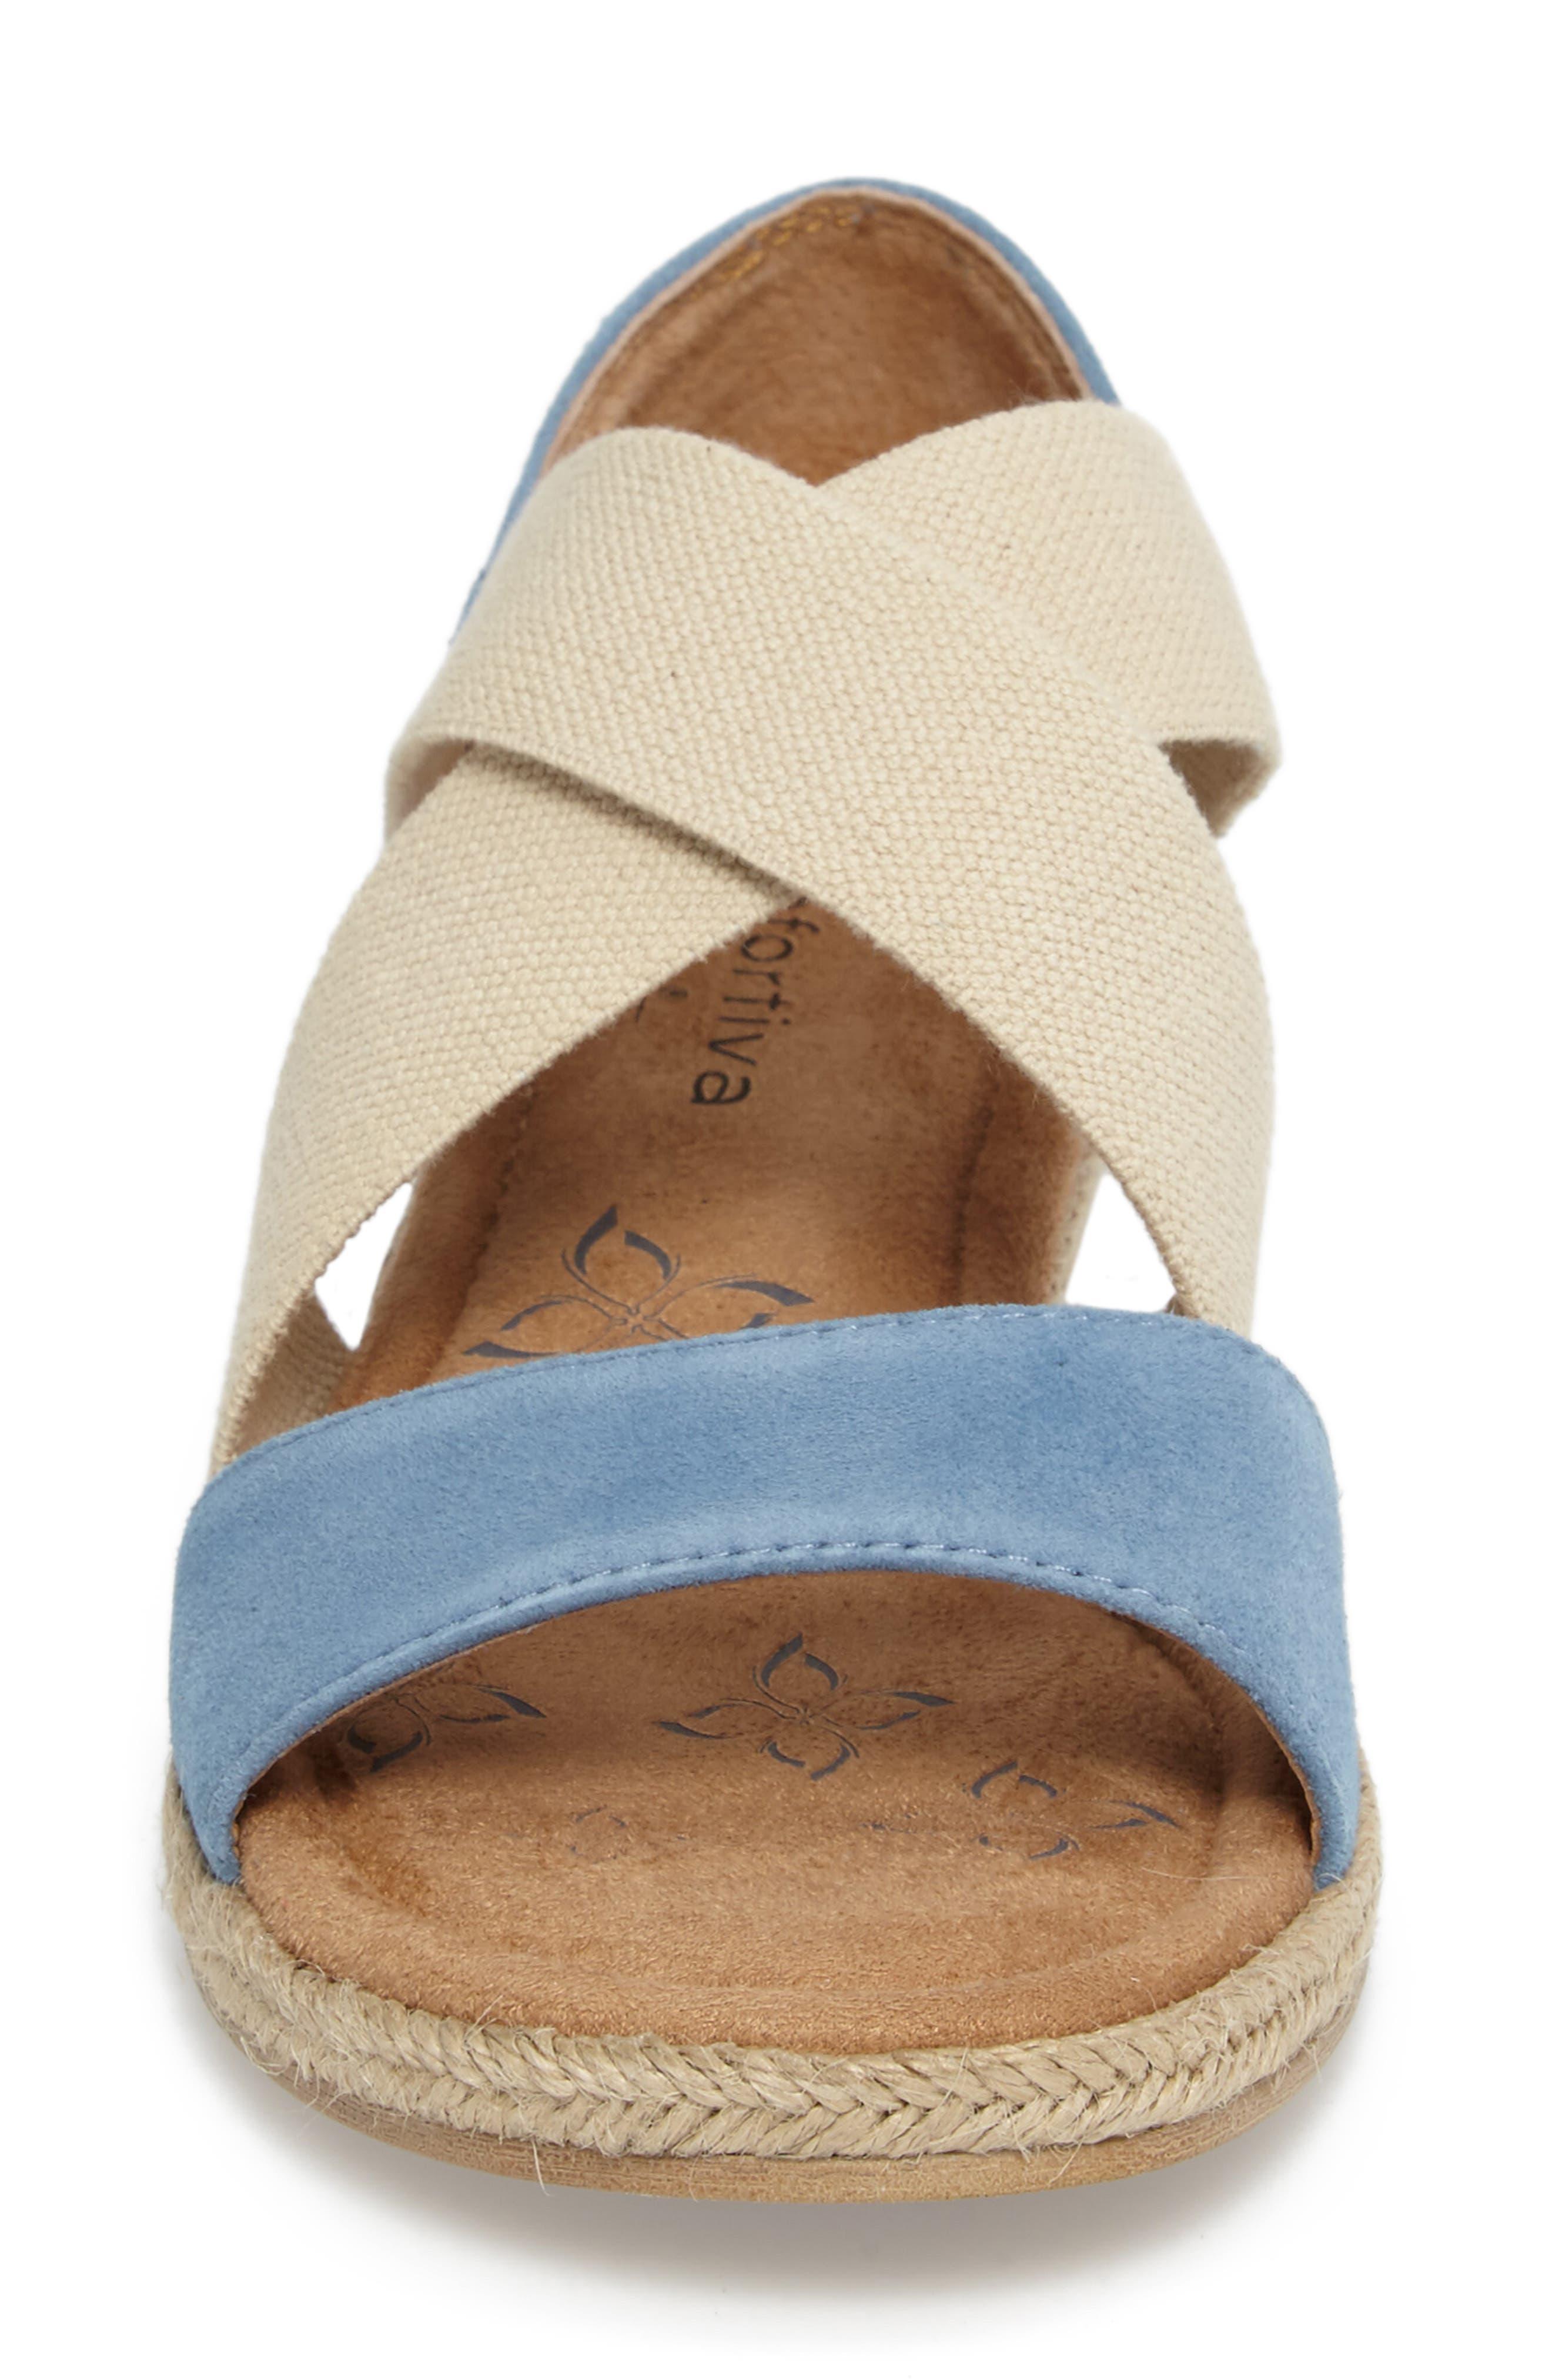 Brye Espadrille Sandal,                             Alternate thumbnail 4, color,                             Pale Blue Suede